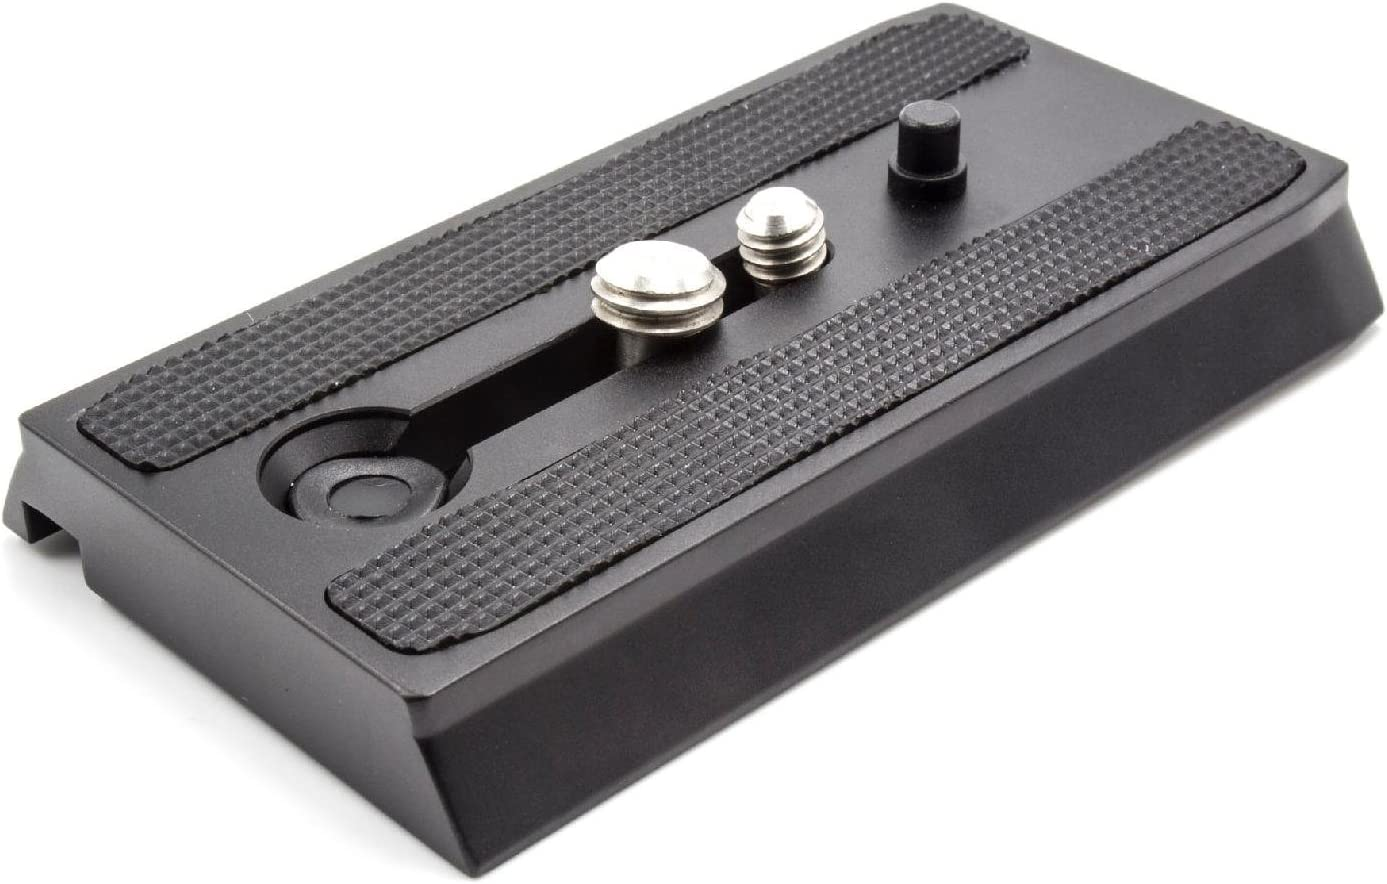 Vhbw Schnellwechselplatte Kameraplatte Stativplatte Kamera